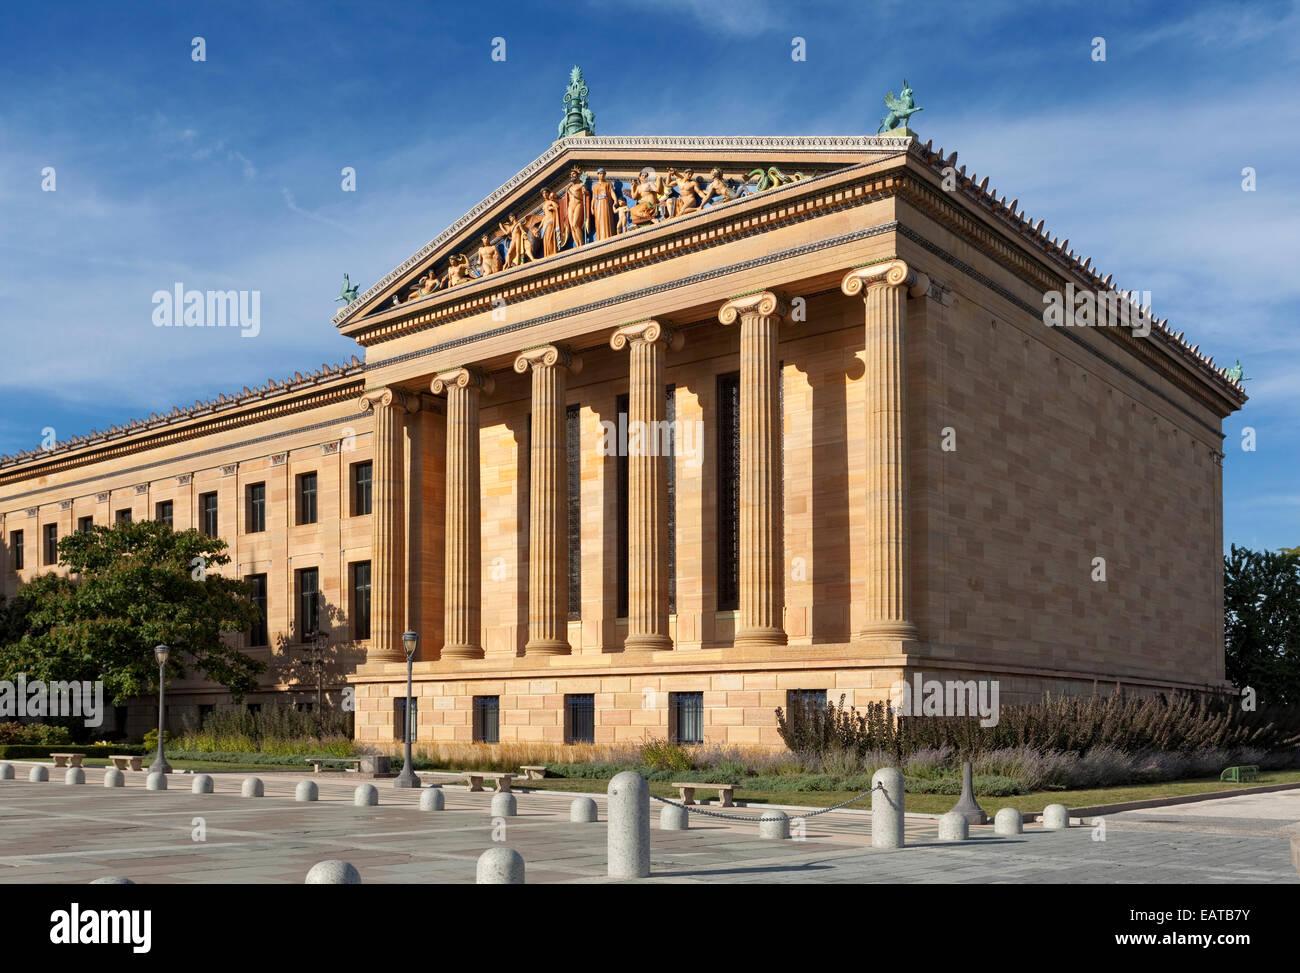 La arquitectura clásica griega... El Museo de Arte de Filadelfia es uno de los mayores museos de arte en los Imagen De Stock